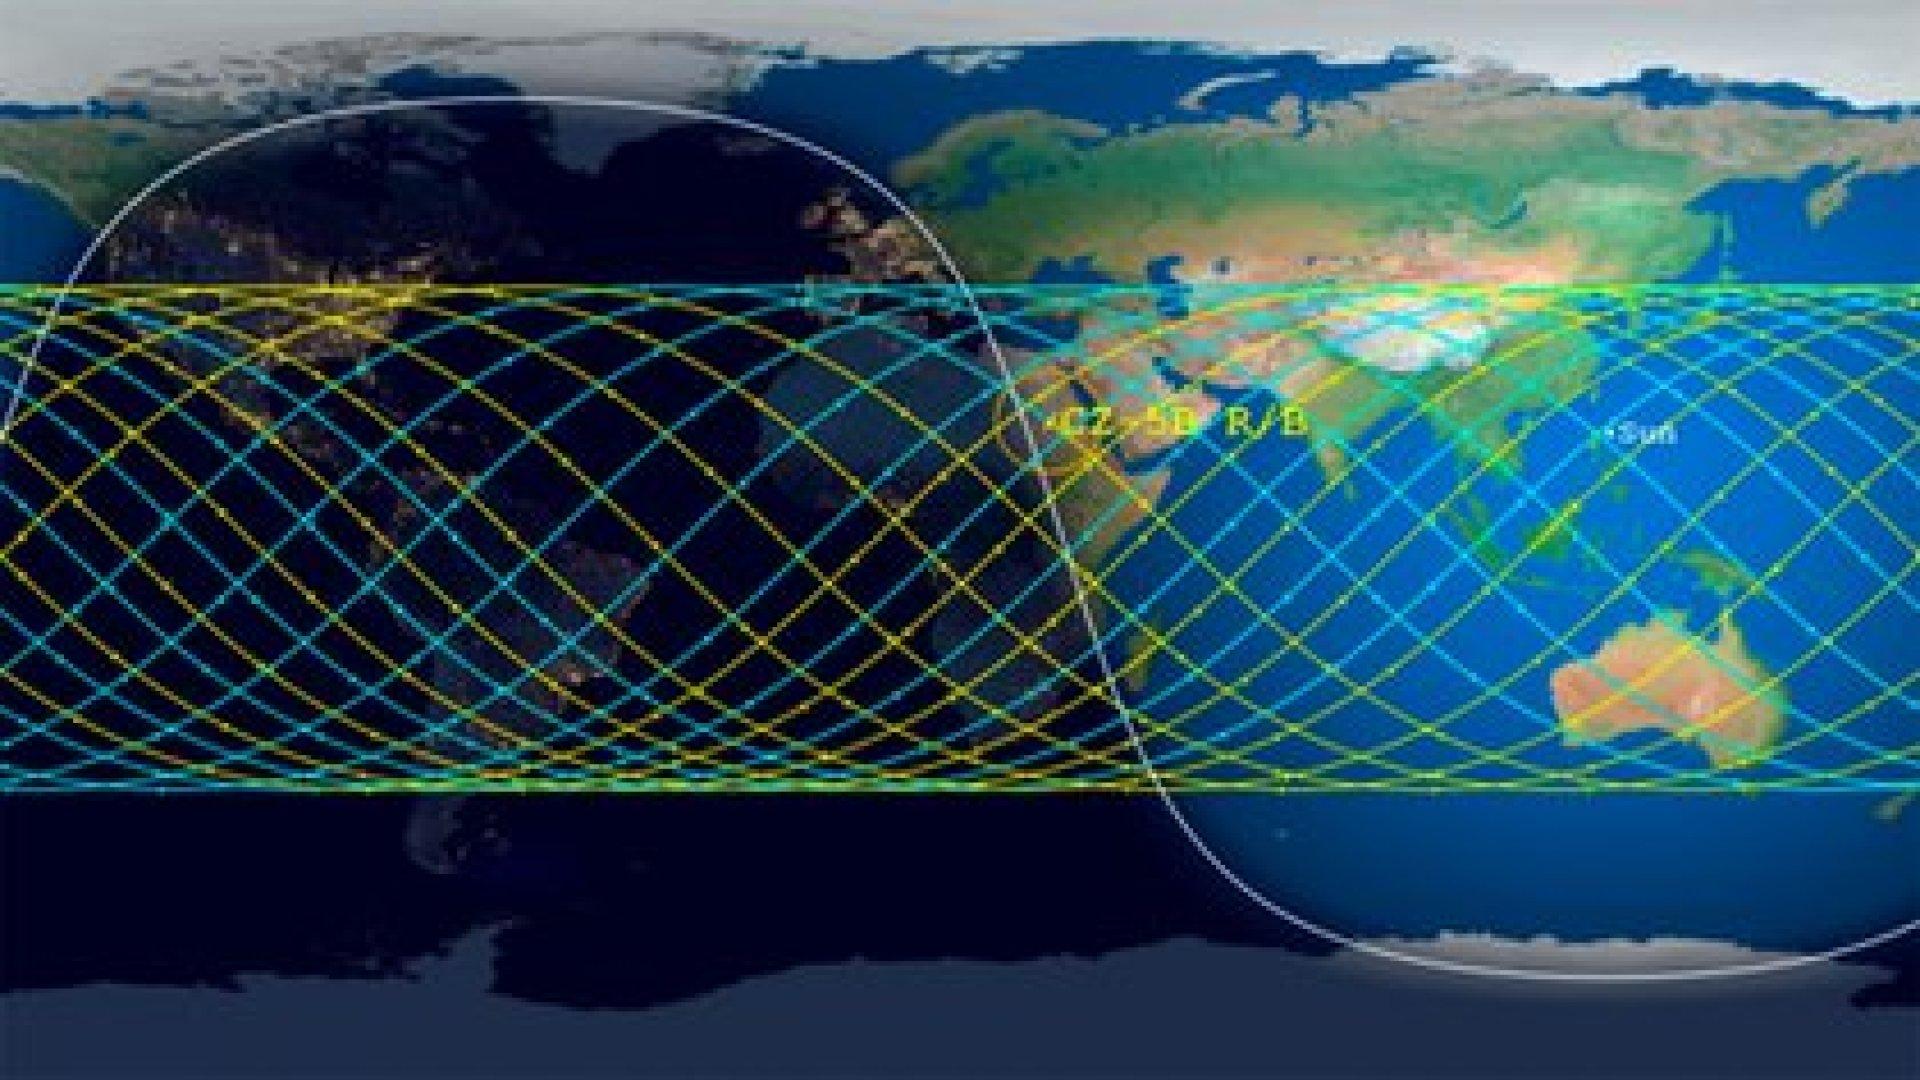 (@AerospaceCorp) Ícono amarillo: ubicación del objeto en el momento previsto de la reentrada Línea naranja: área de visibilidad en el momento de reentrada previsto para un observador en la Tierra Línea azul: incertidumbre de la trayectoria en la Tierra antes de la hora de reentrada prevista Línea amarilla: incertidumbre de la trayectoria en la Tierra después de la hora de reentrada prevista Línea blanca: divisor día/noche a la hora de reentrada prevista (la ubicación del sol se muestra con el ícono blanco) Ícono rosa: proximidad del avistamiento de un testigo ocular Las posibles ubicaciones de reentrada se encuentran en cualquier lugar a lo largo de la pista terrestre azul y amarilla